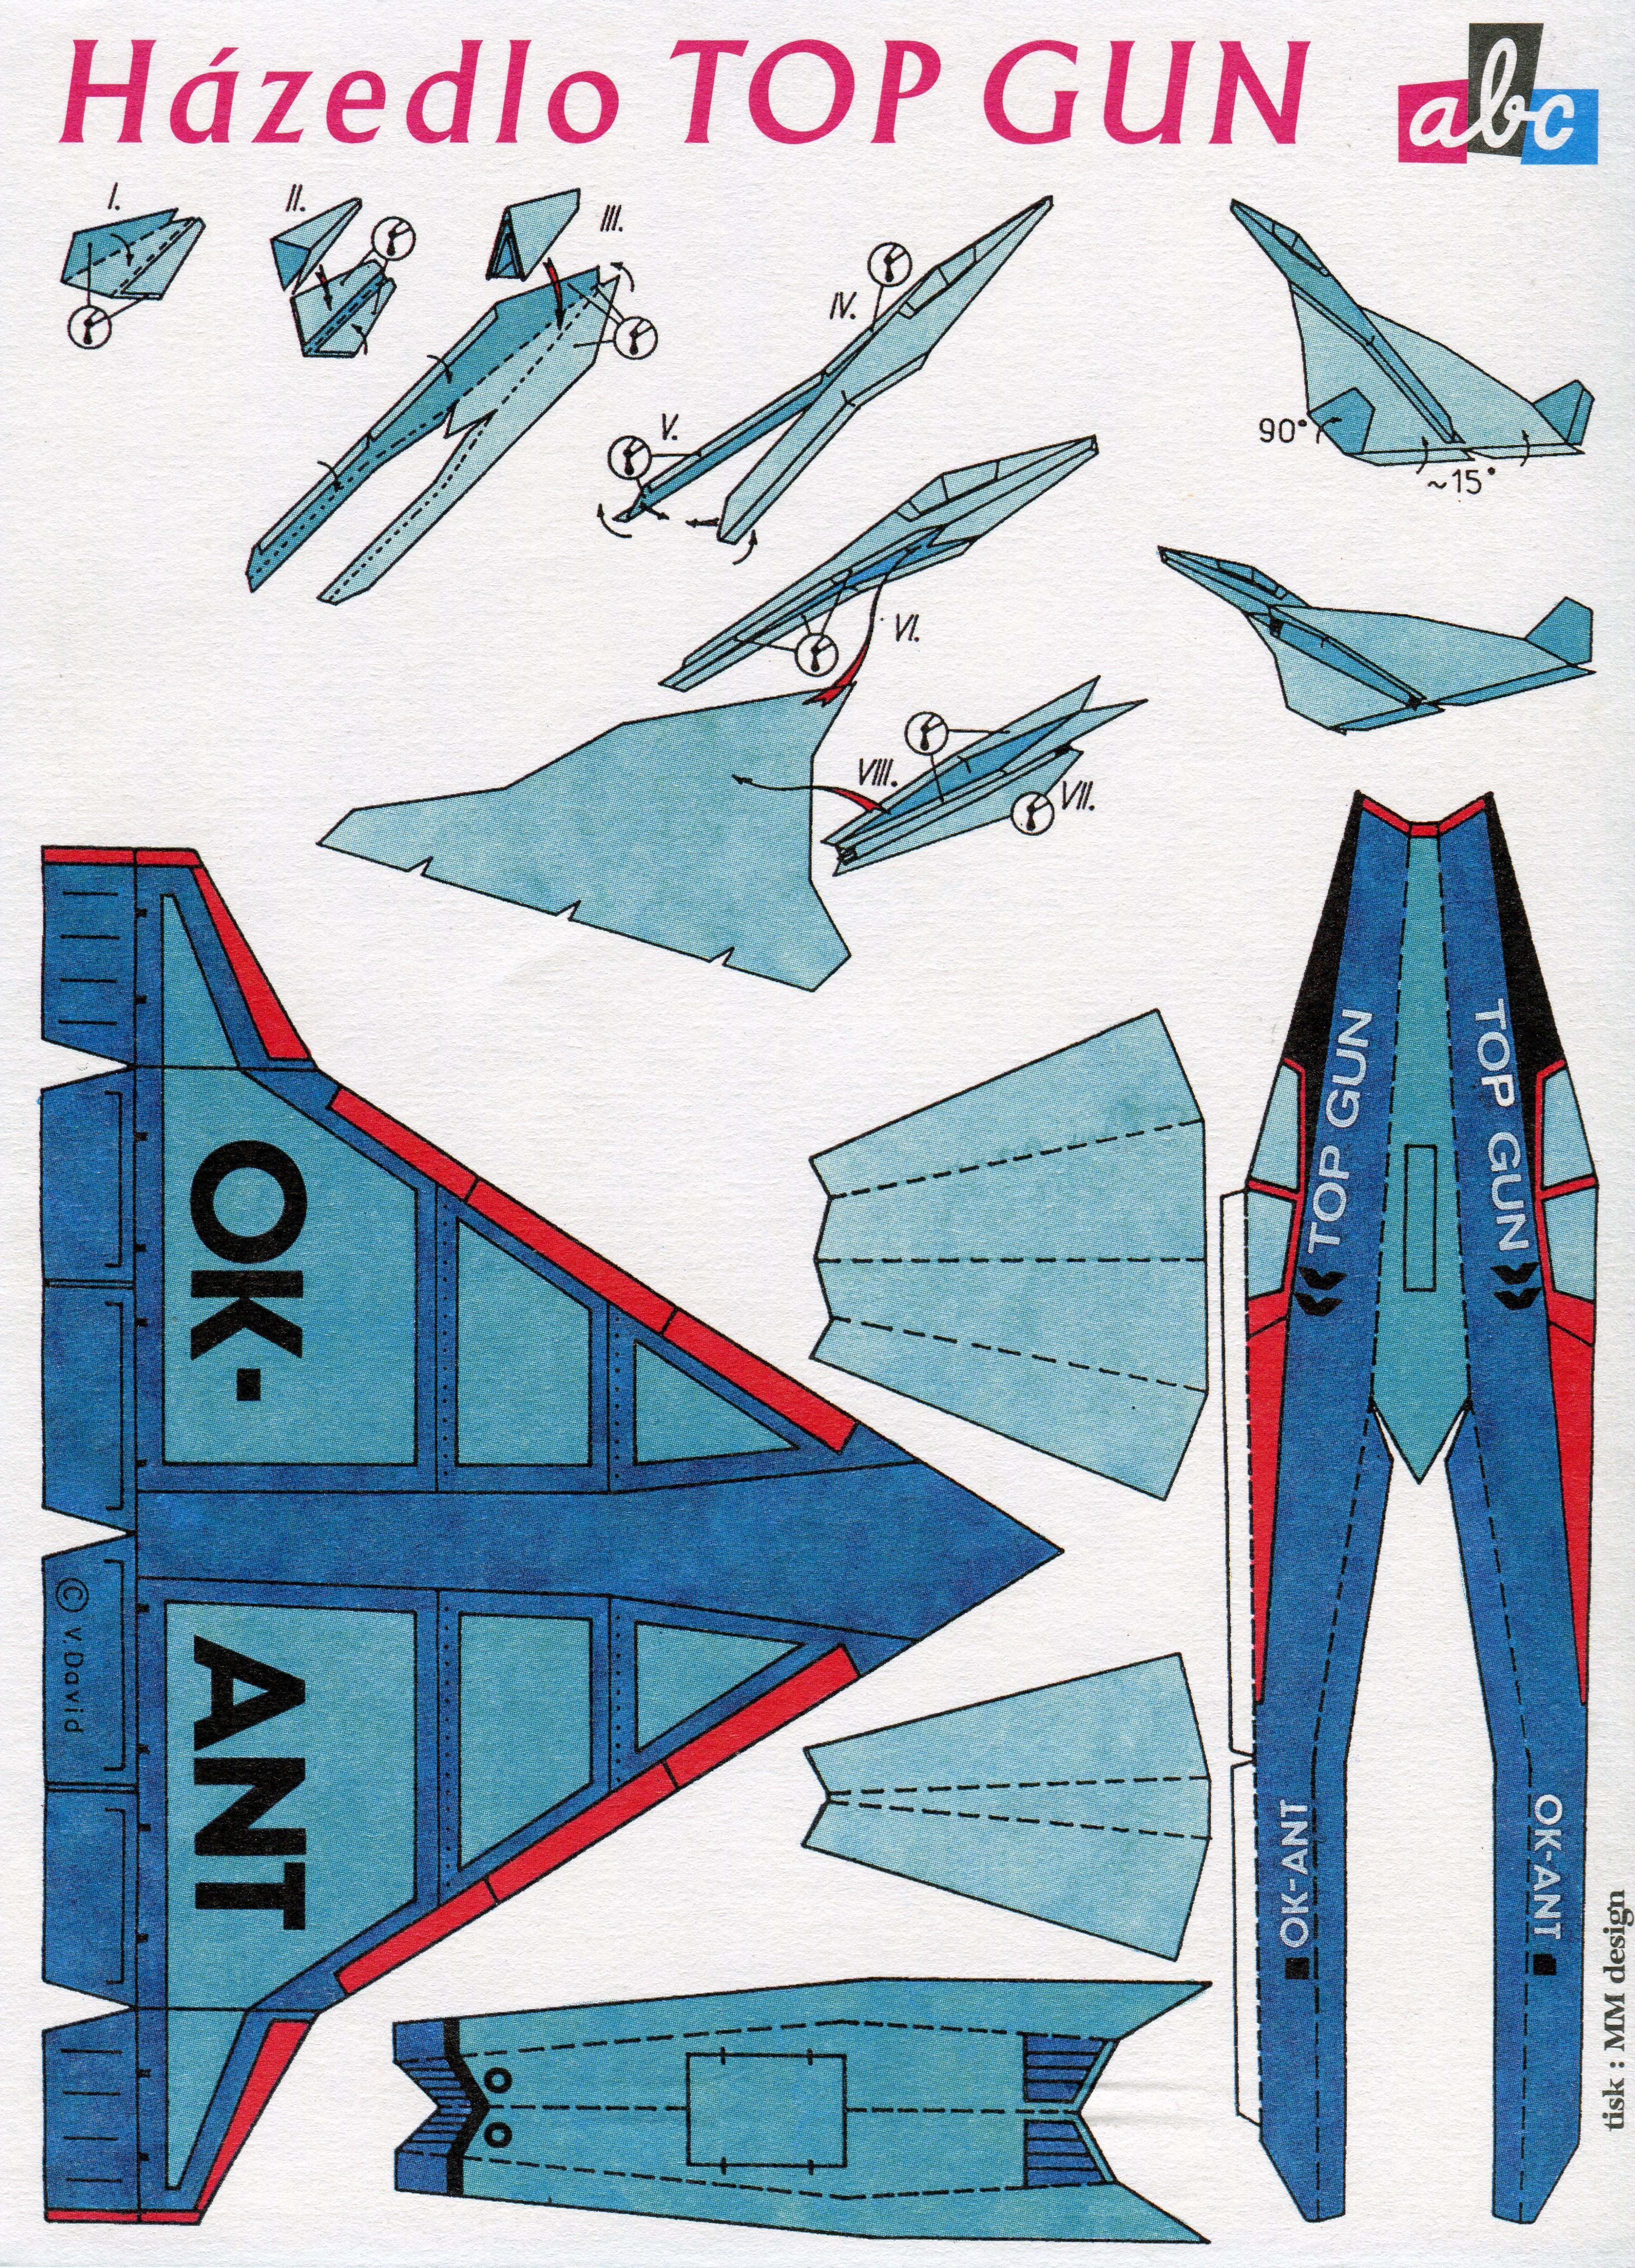 hazello top gun abc magazine papierflieger papierflieger bastelbogen und flugzeug. Black Bedroom Furniture Sets. Home Design Ideas